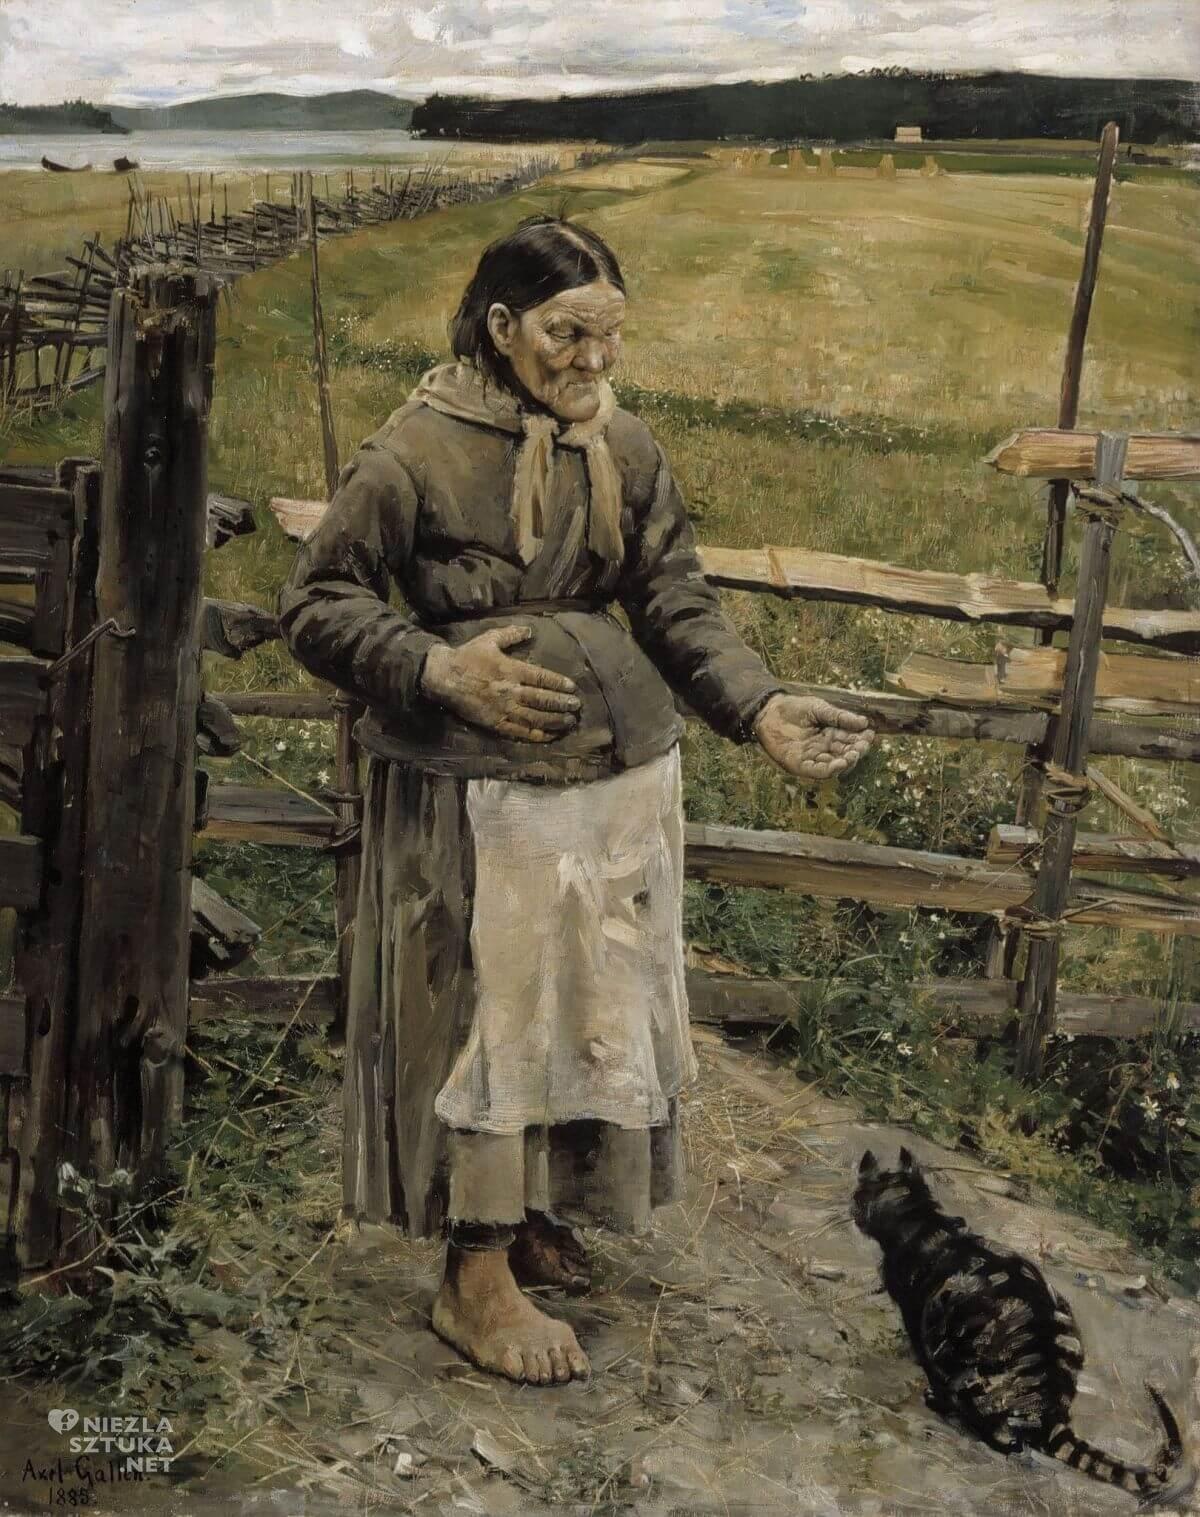 Akseli Gallen-Kallela, Stara kobieta i kot, sztuka skandynawska, Niezła sztuka